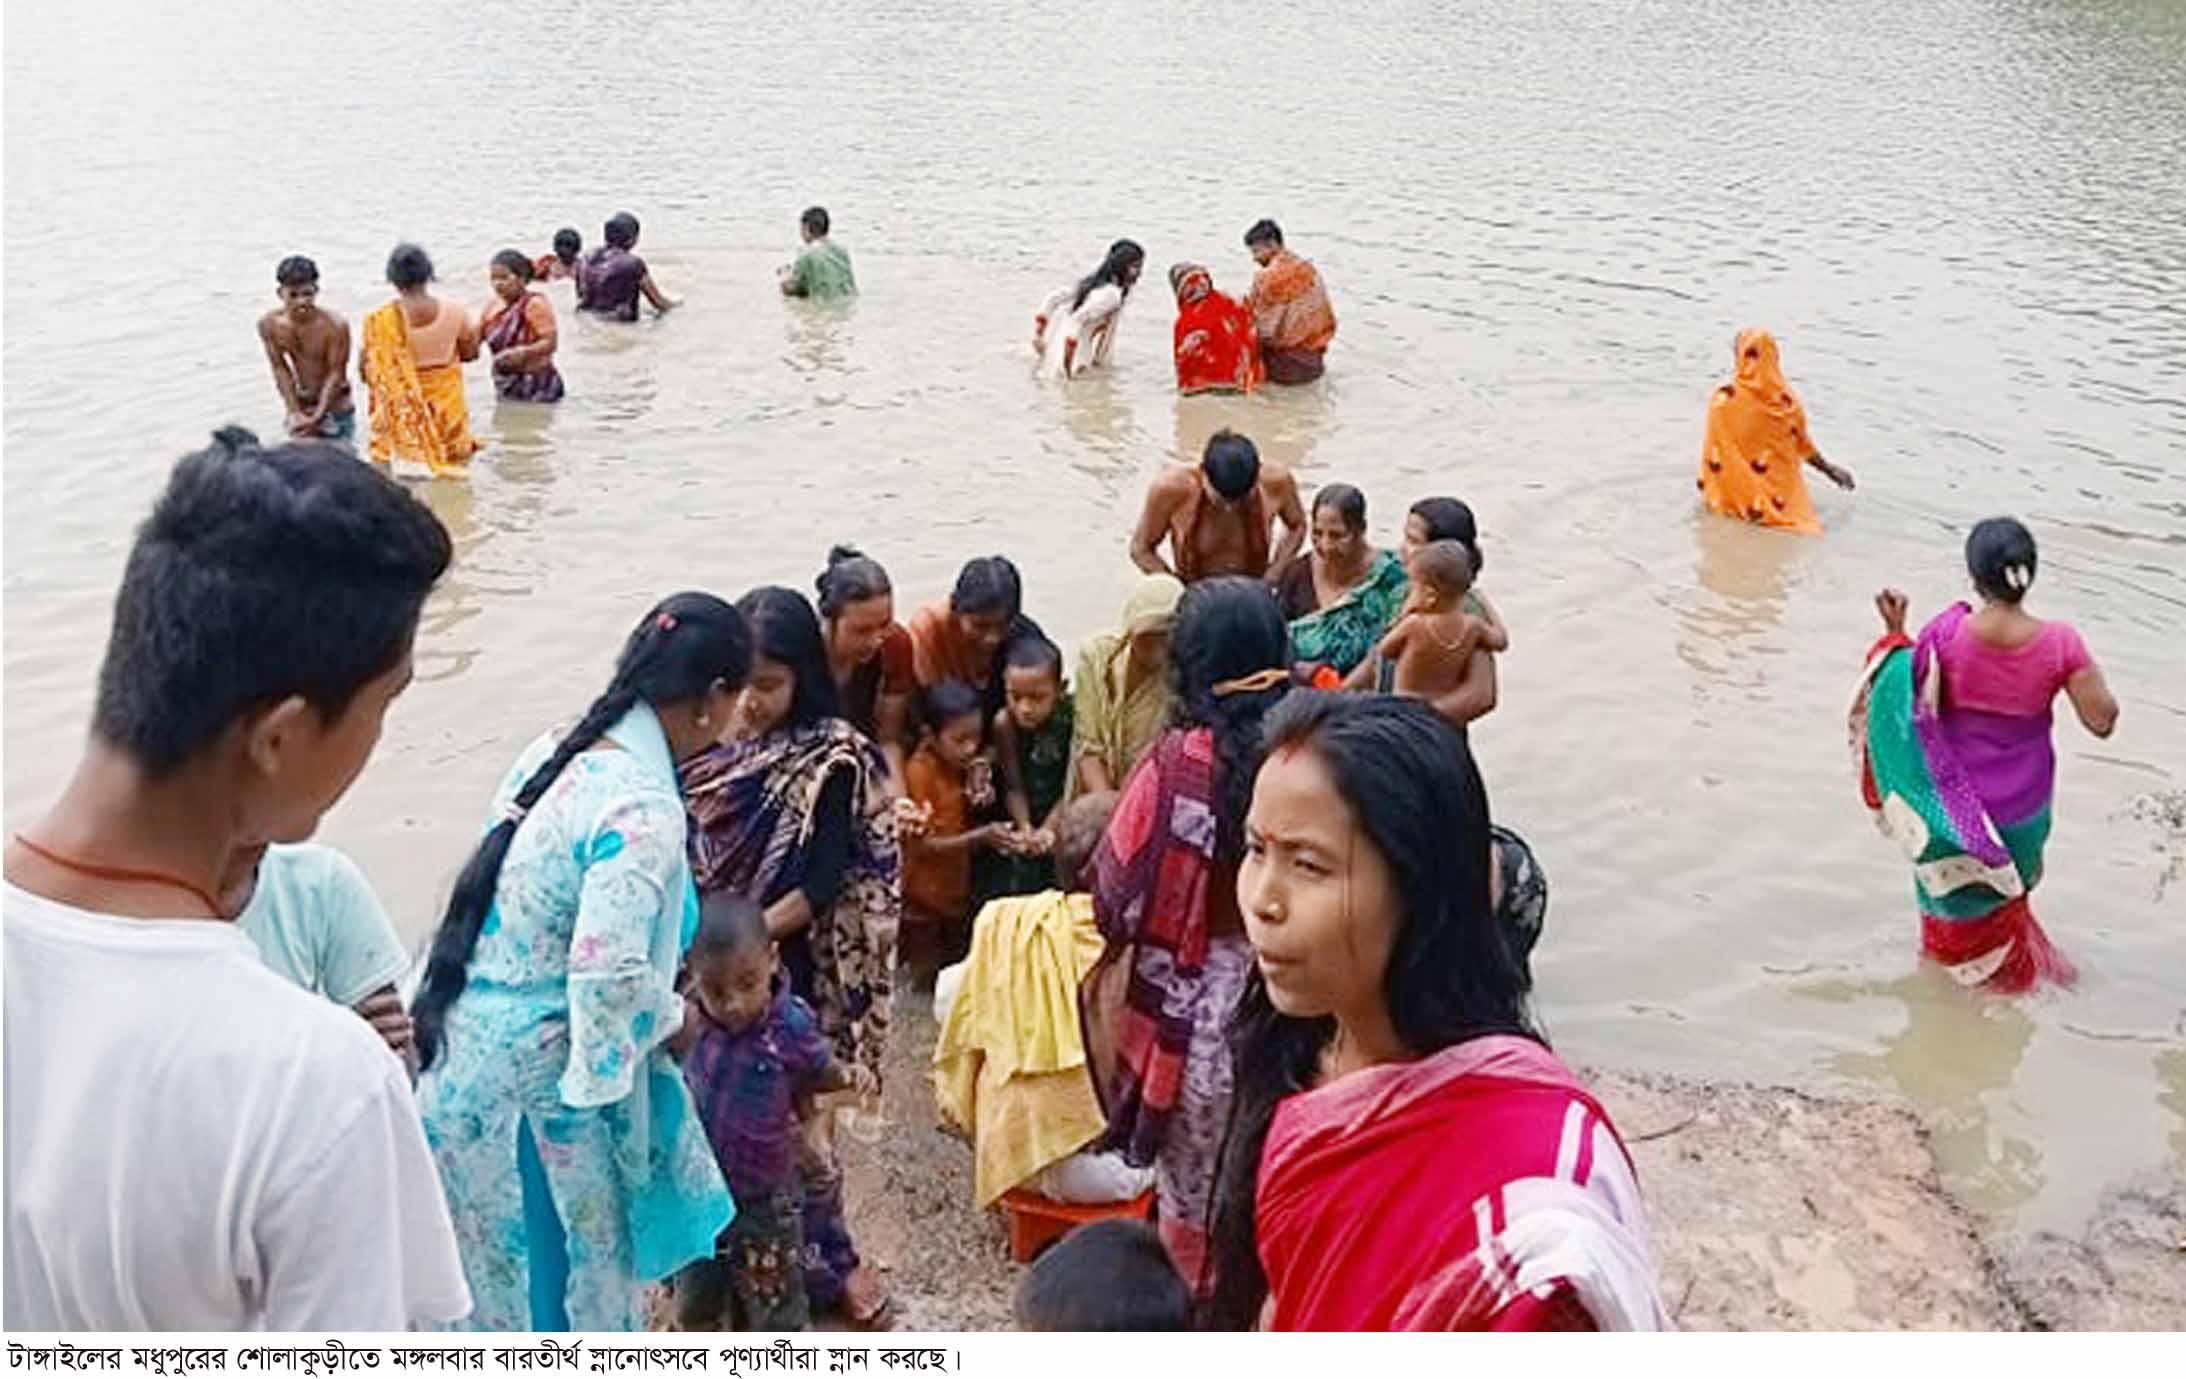 মধুপুরে ঐতিহ্যবাহী বারতীর্থ স্নানোৎসব অনুষ্ঠিত